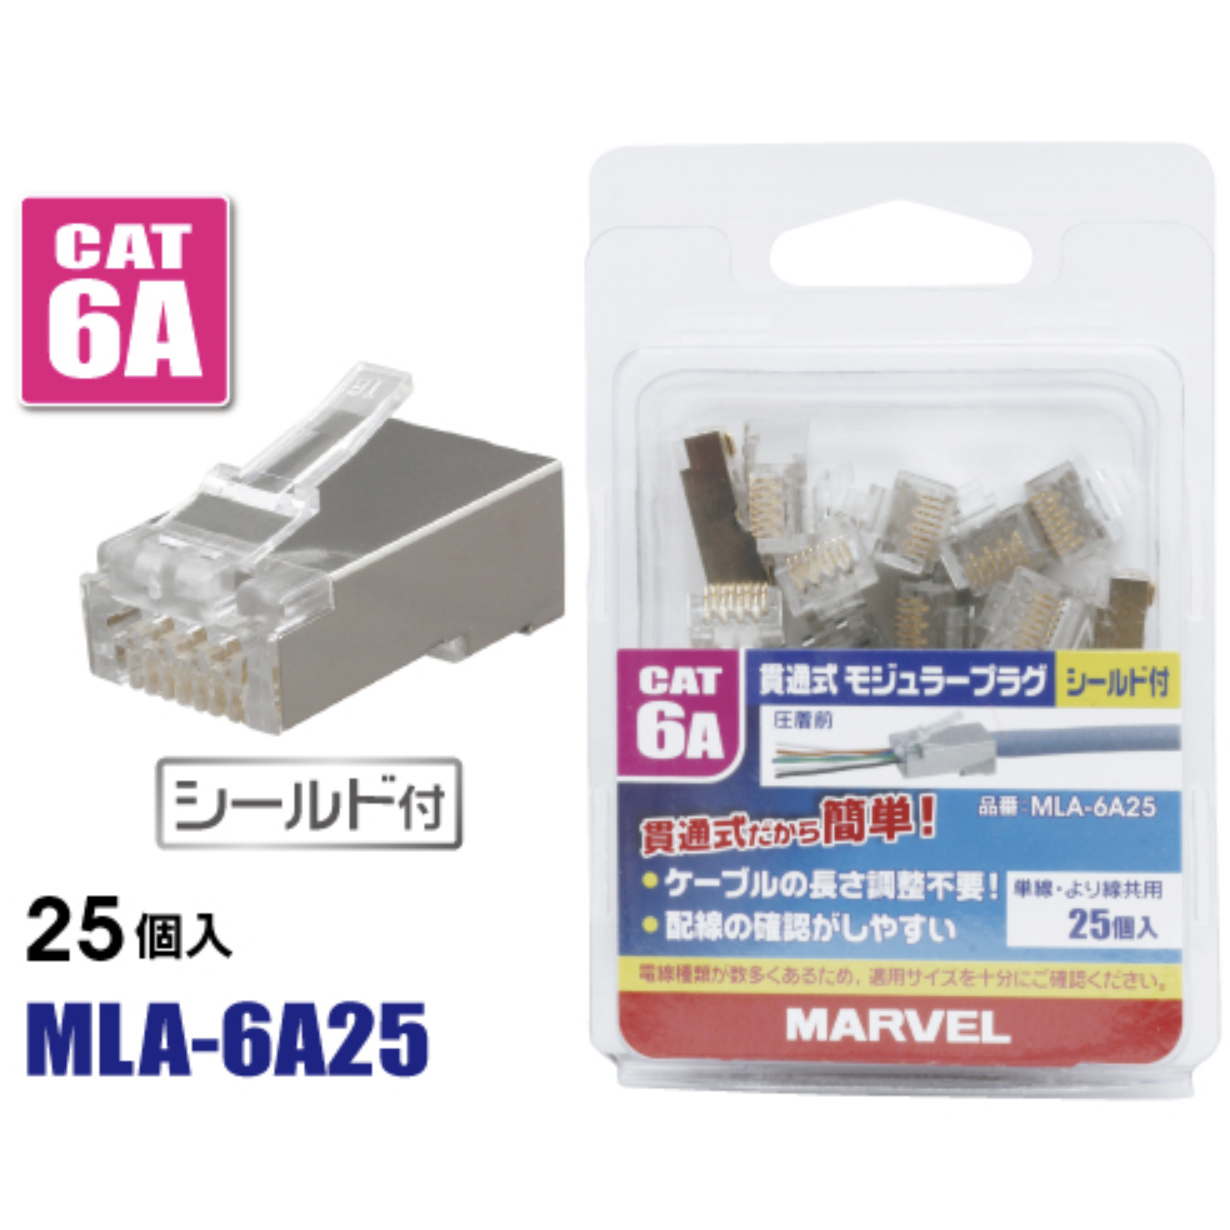 【マーベル】CAT6A対応『貫通式モジュラープラグ シールド付 MLA-6A25』の画像